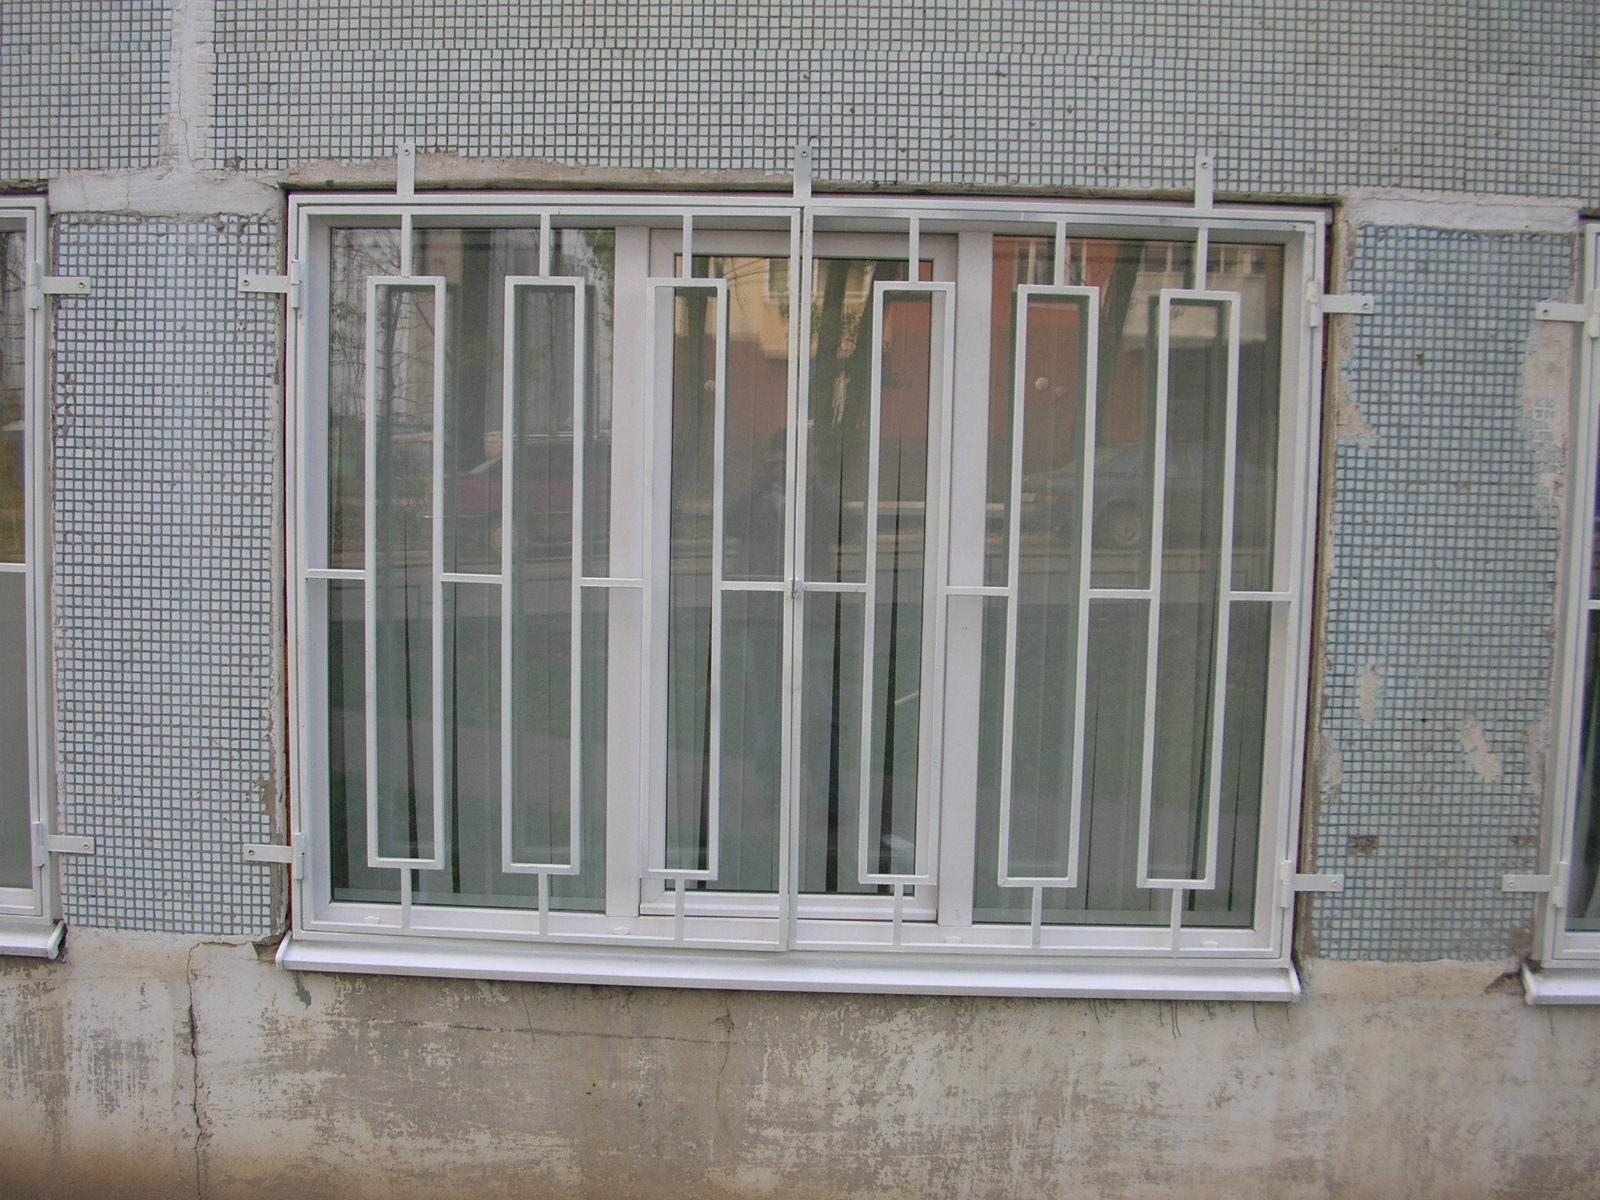 нарисовать решетки на окна своими руками фото обратились сразу несколько